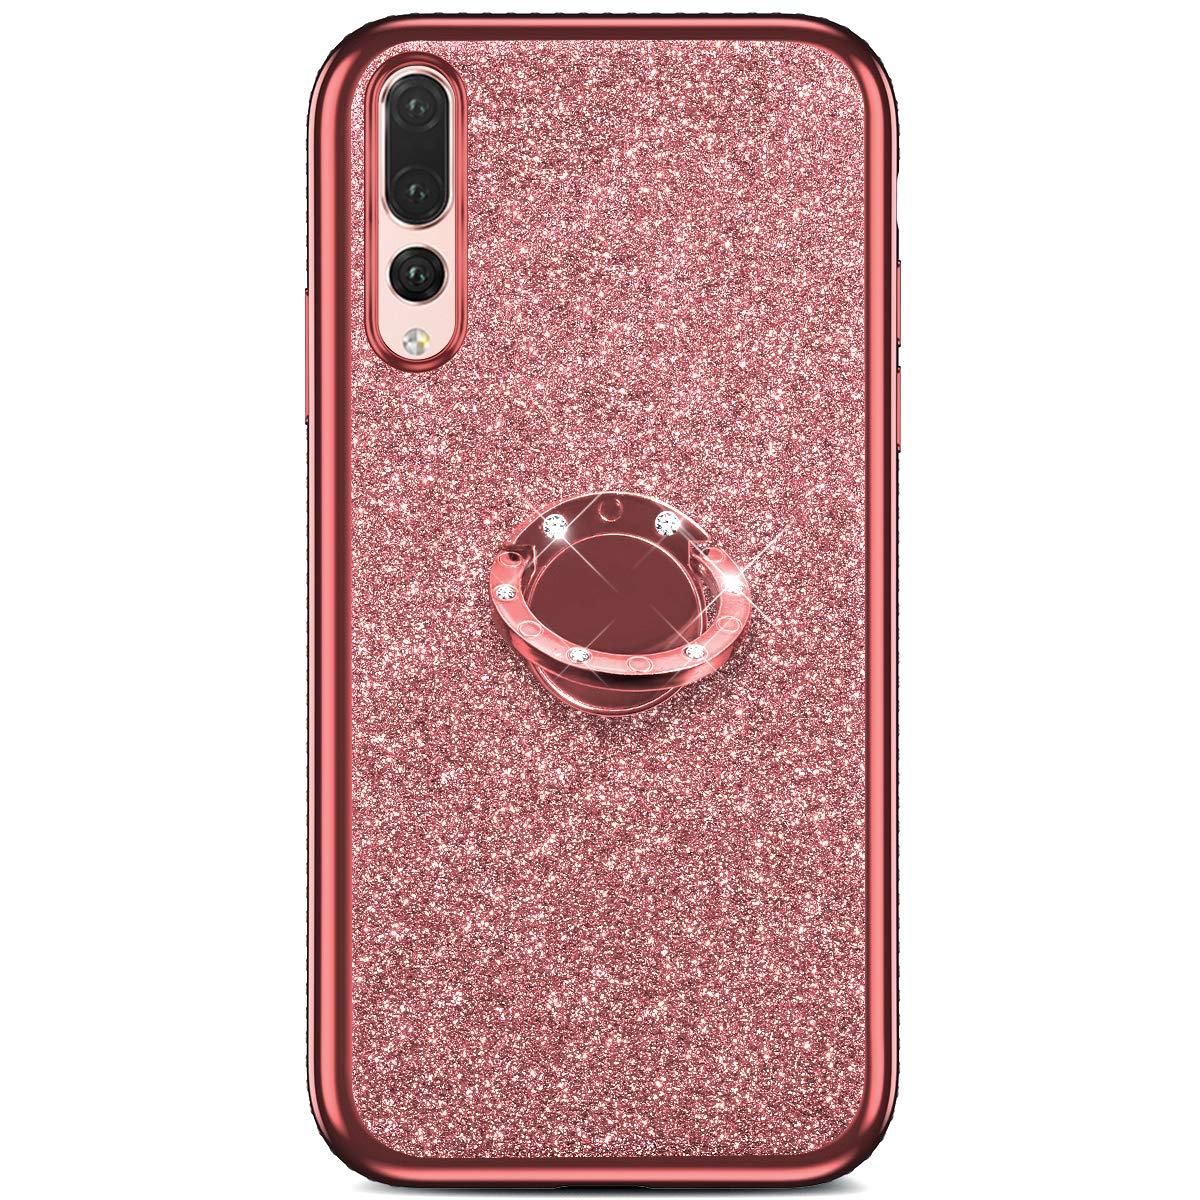 Ukayfe Custodia Compatibile con Huawei P20 PRO Glitter Brillantini Strass Silicone Cover Tondo Supporto Bling Diamante Brillante Cristallo Ultra Sottile Morbida TPU Protettiva Bumper Case-doro